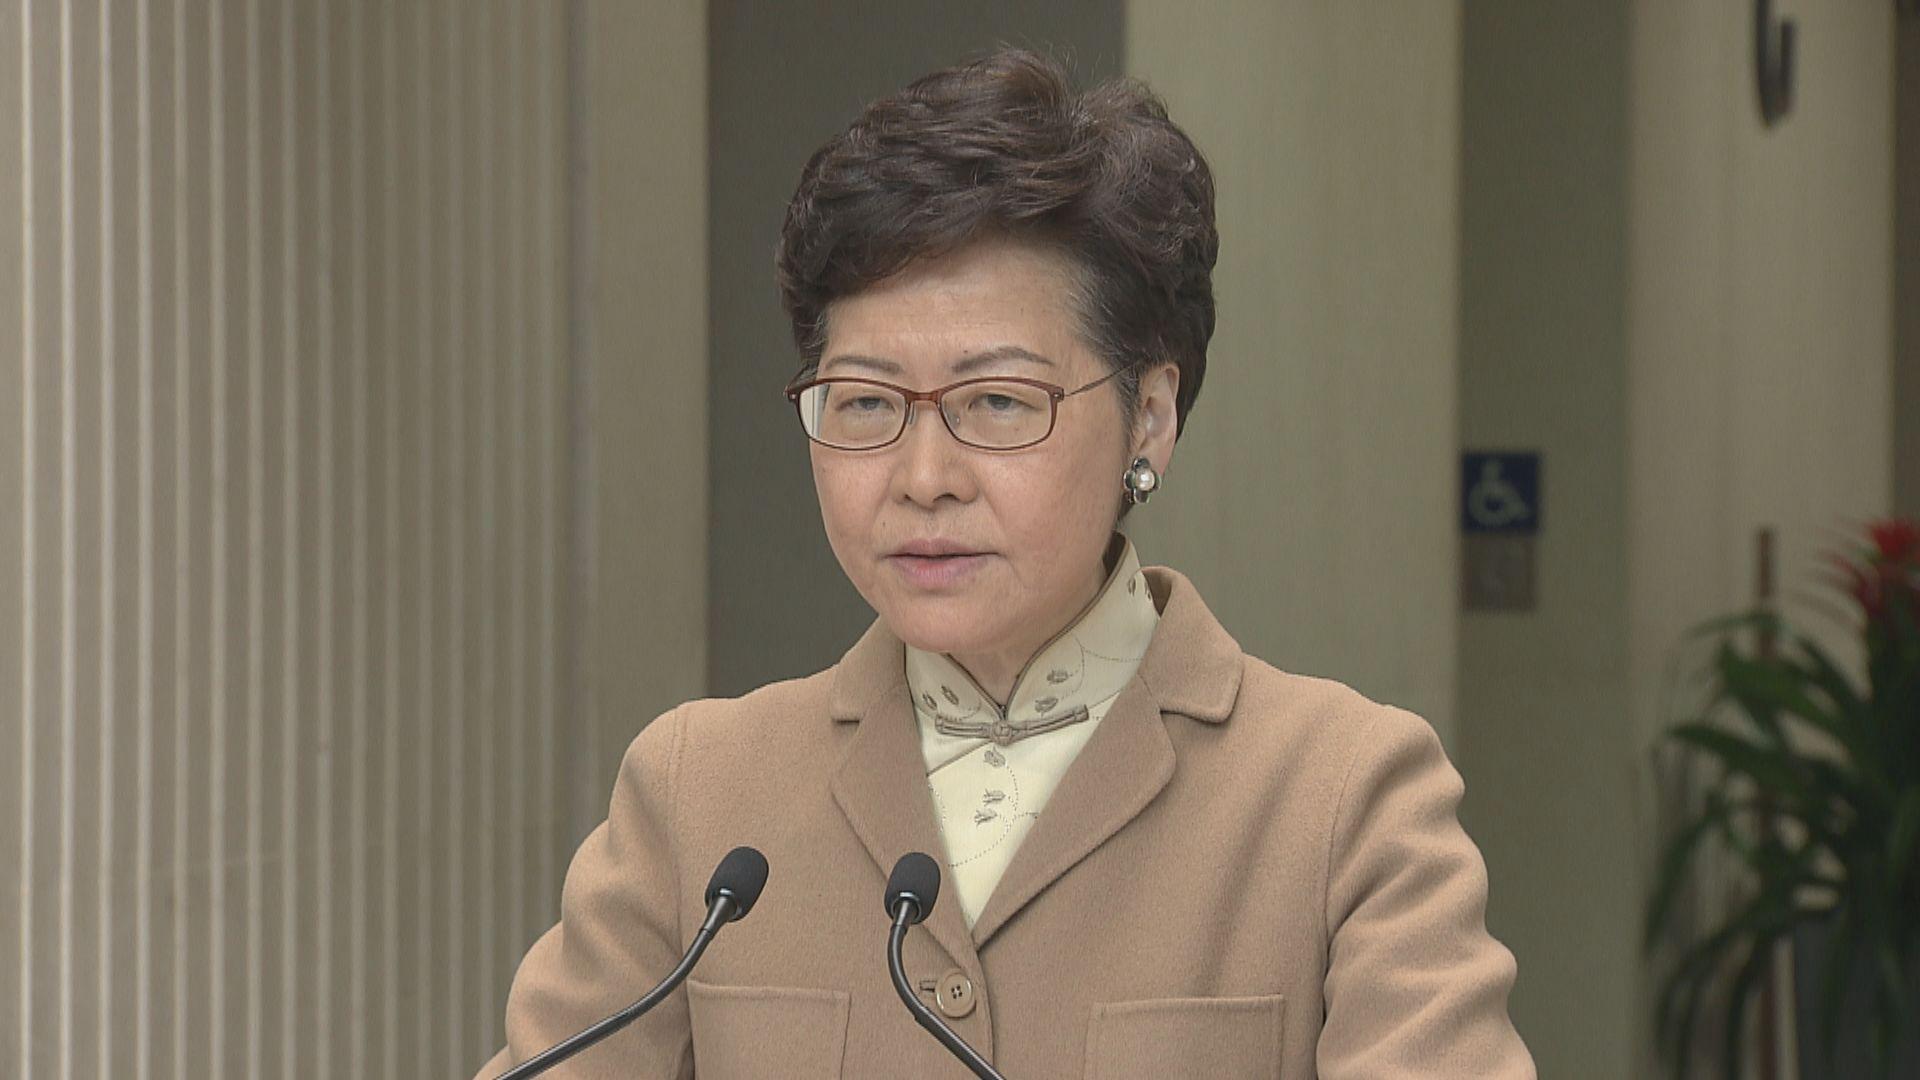 【最新】林鄭月娥:未來會與駱惠寧緊密合作 合作無間